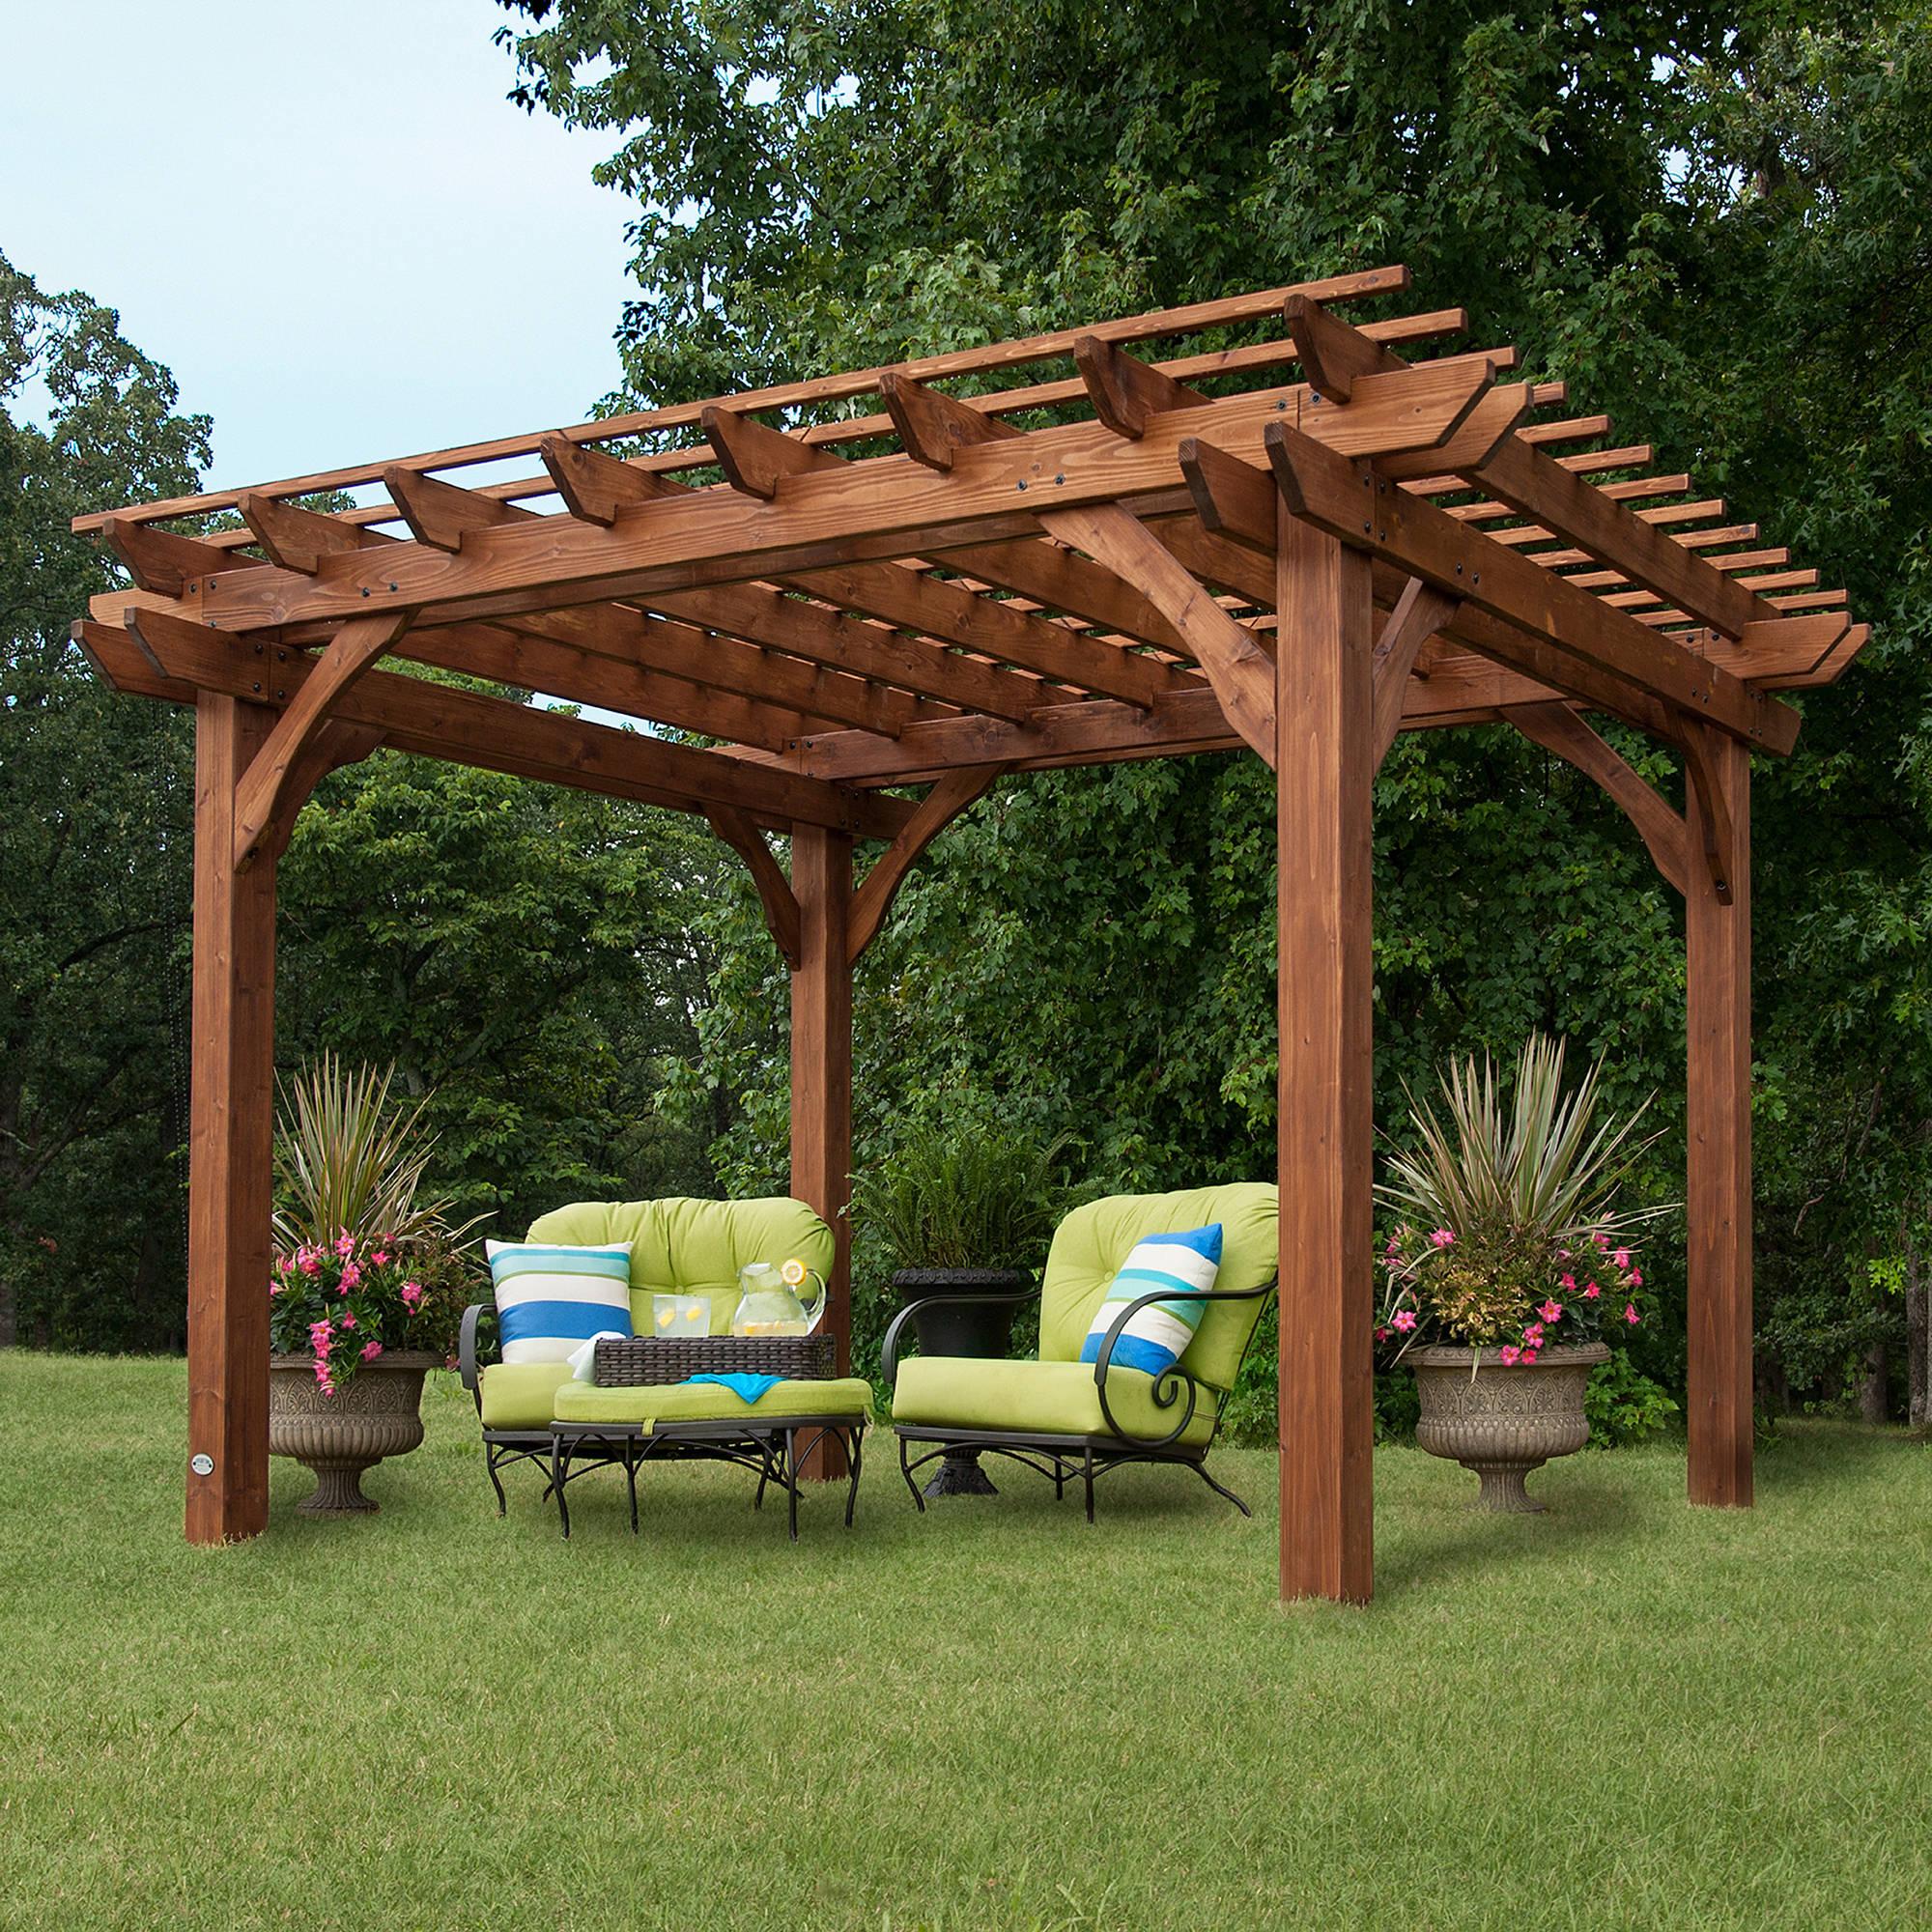 Backyard Discovery 12' x 10' Cedar Pergola, Brown